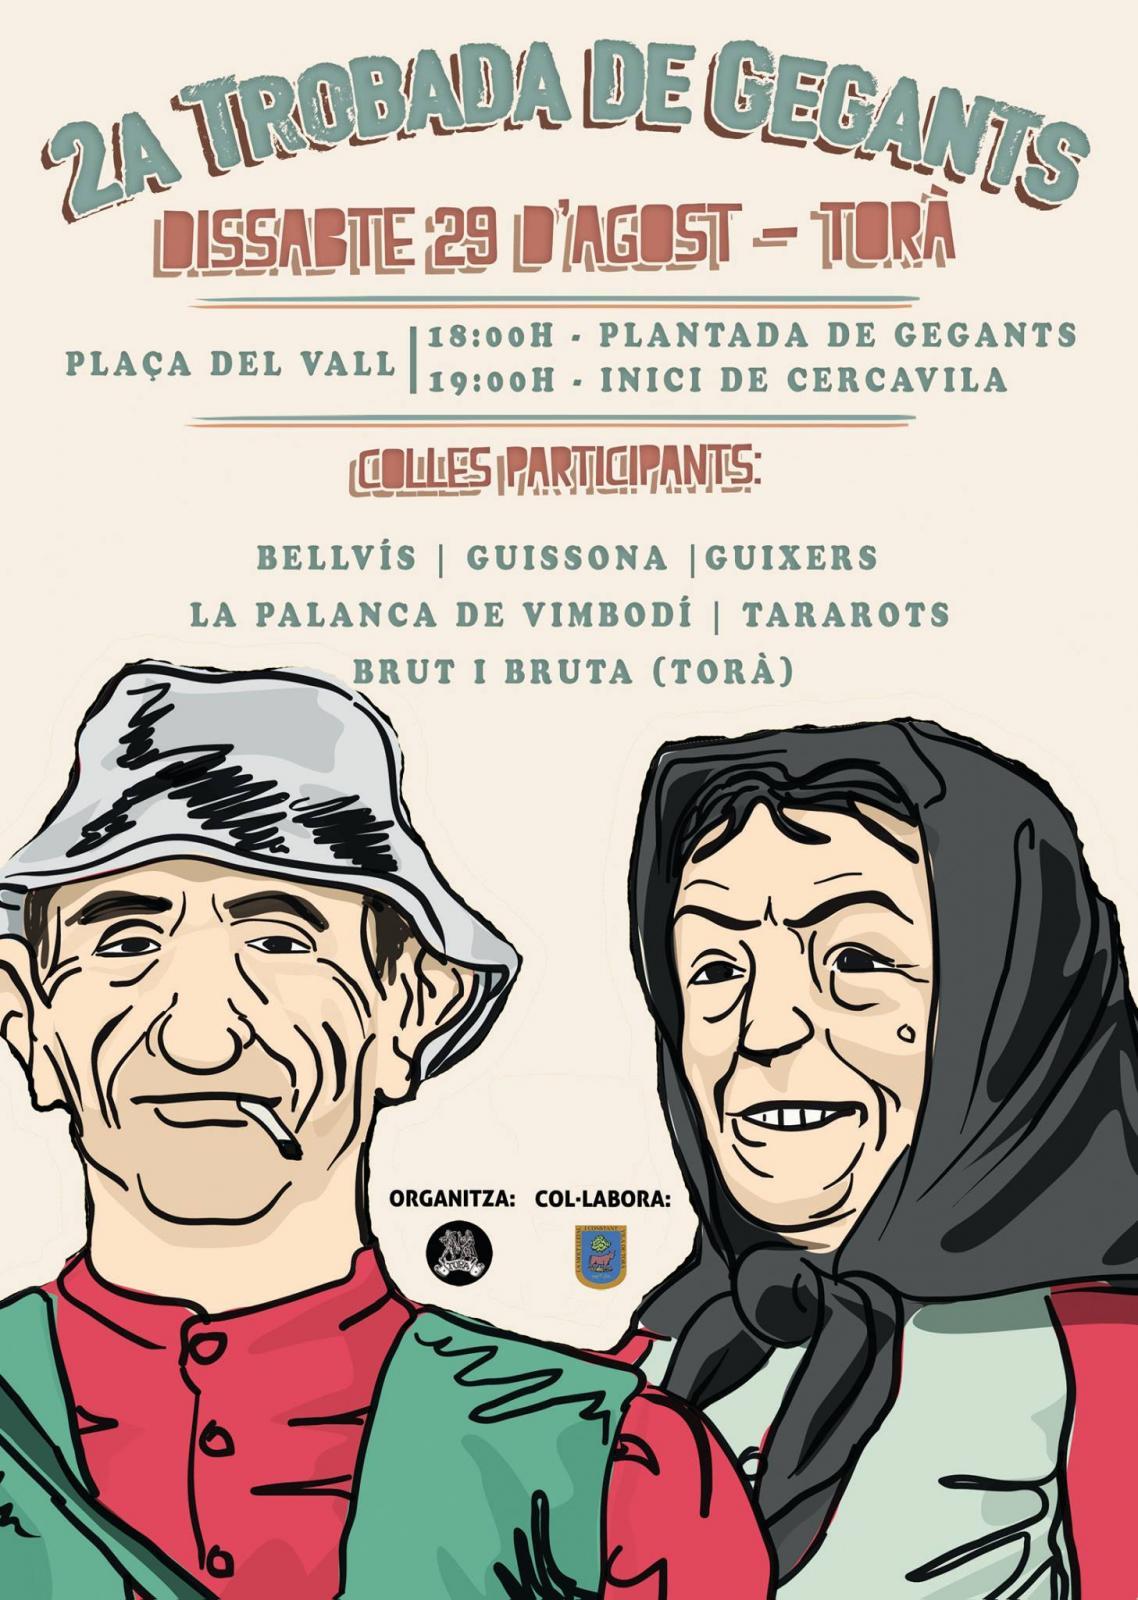 cartell 2a Trobada de gegants a Torà